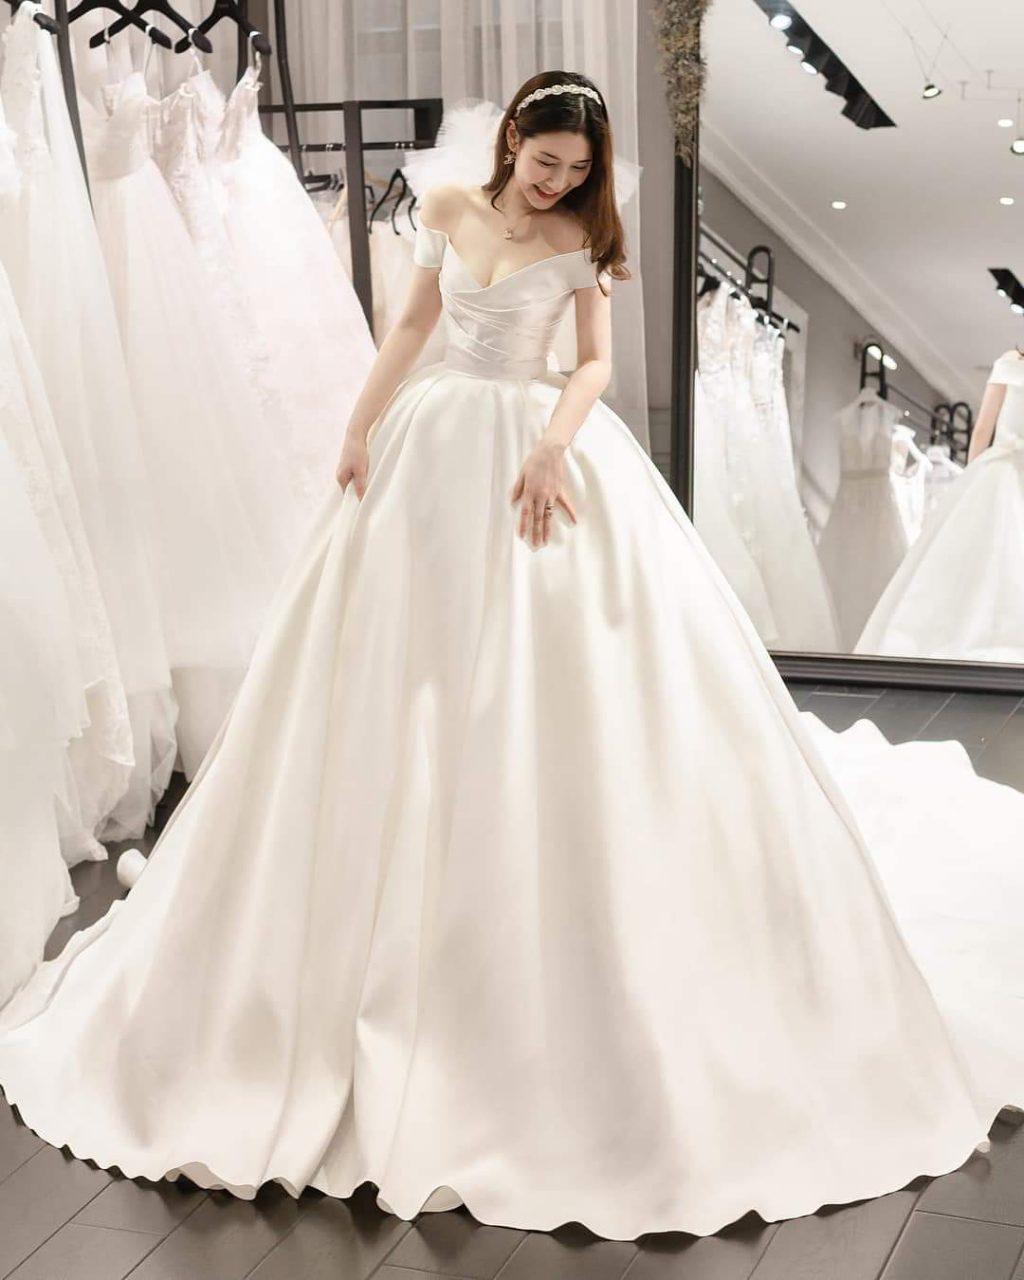 váy cưới tay ngắn cổ chữ V